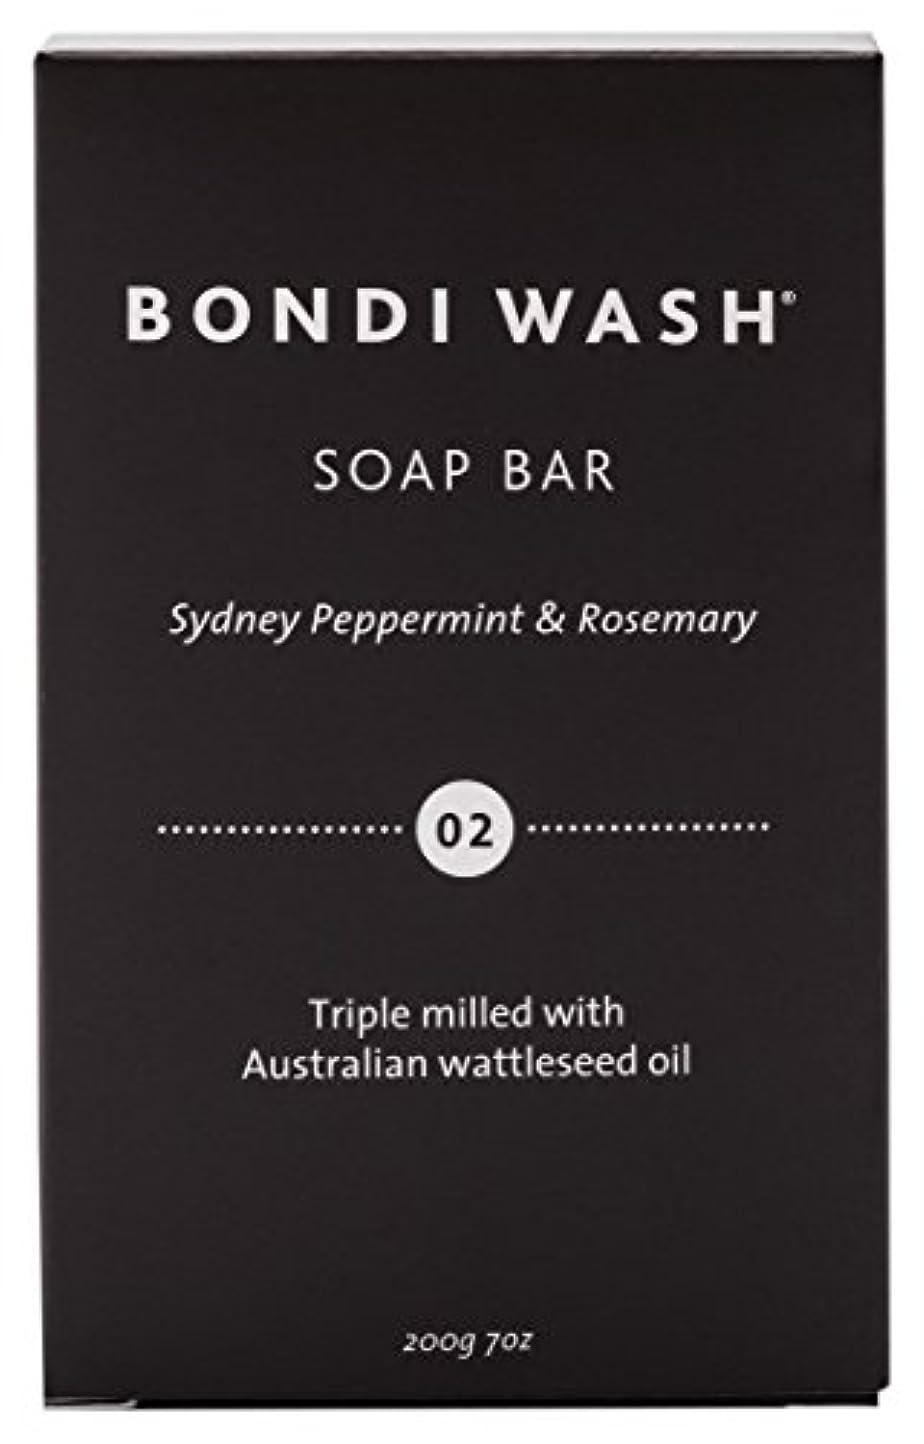 綺麗な泣き叫ぶ避難するBONDI WASH ソープバー(固形石鹸) シドニーペパーミント&ローズマリー 200g